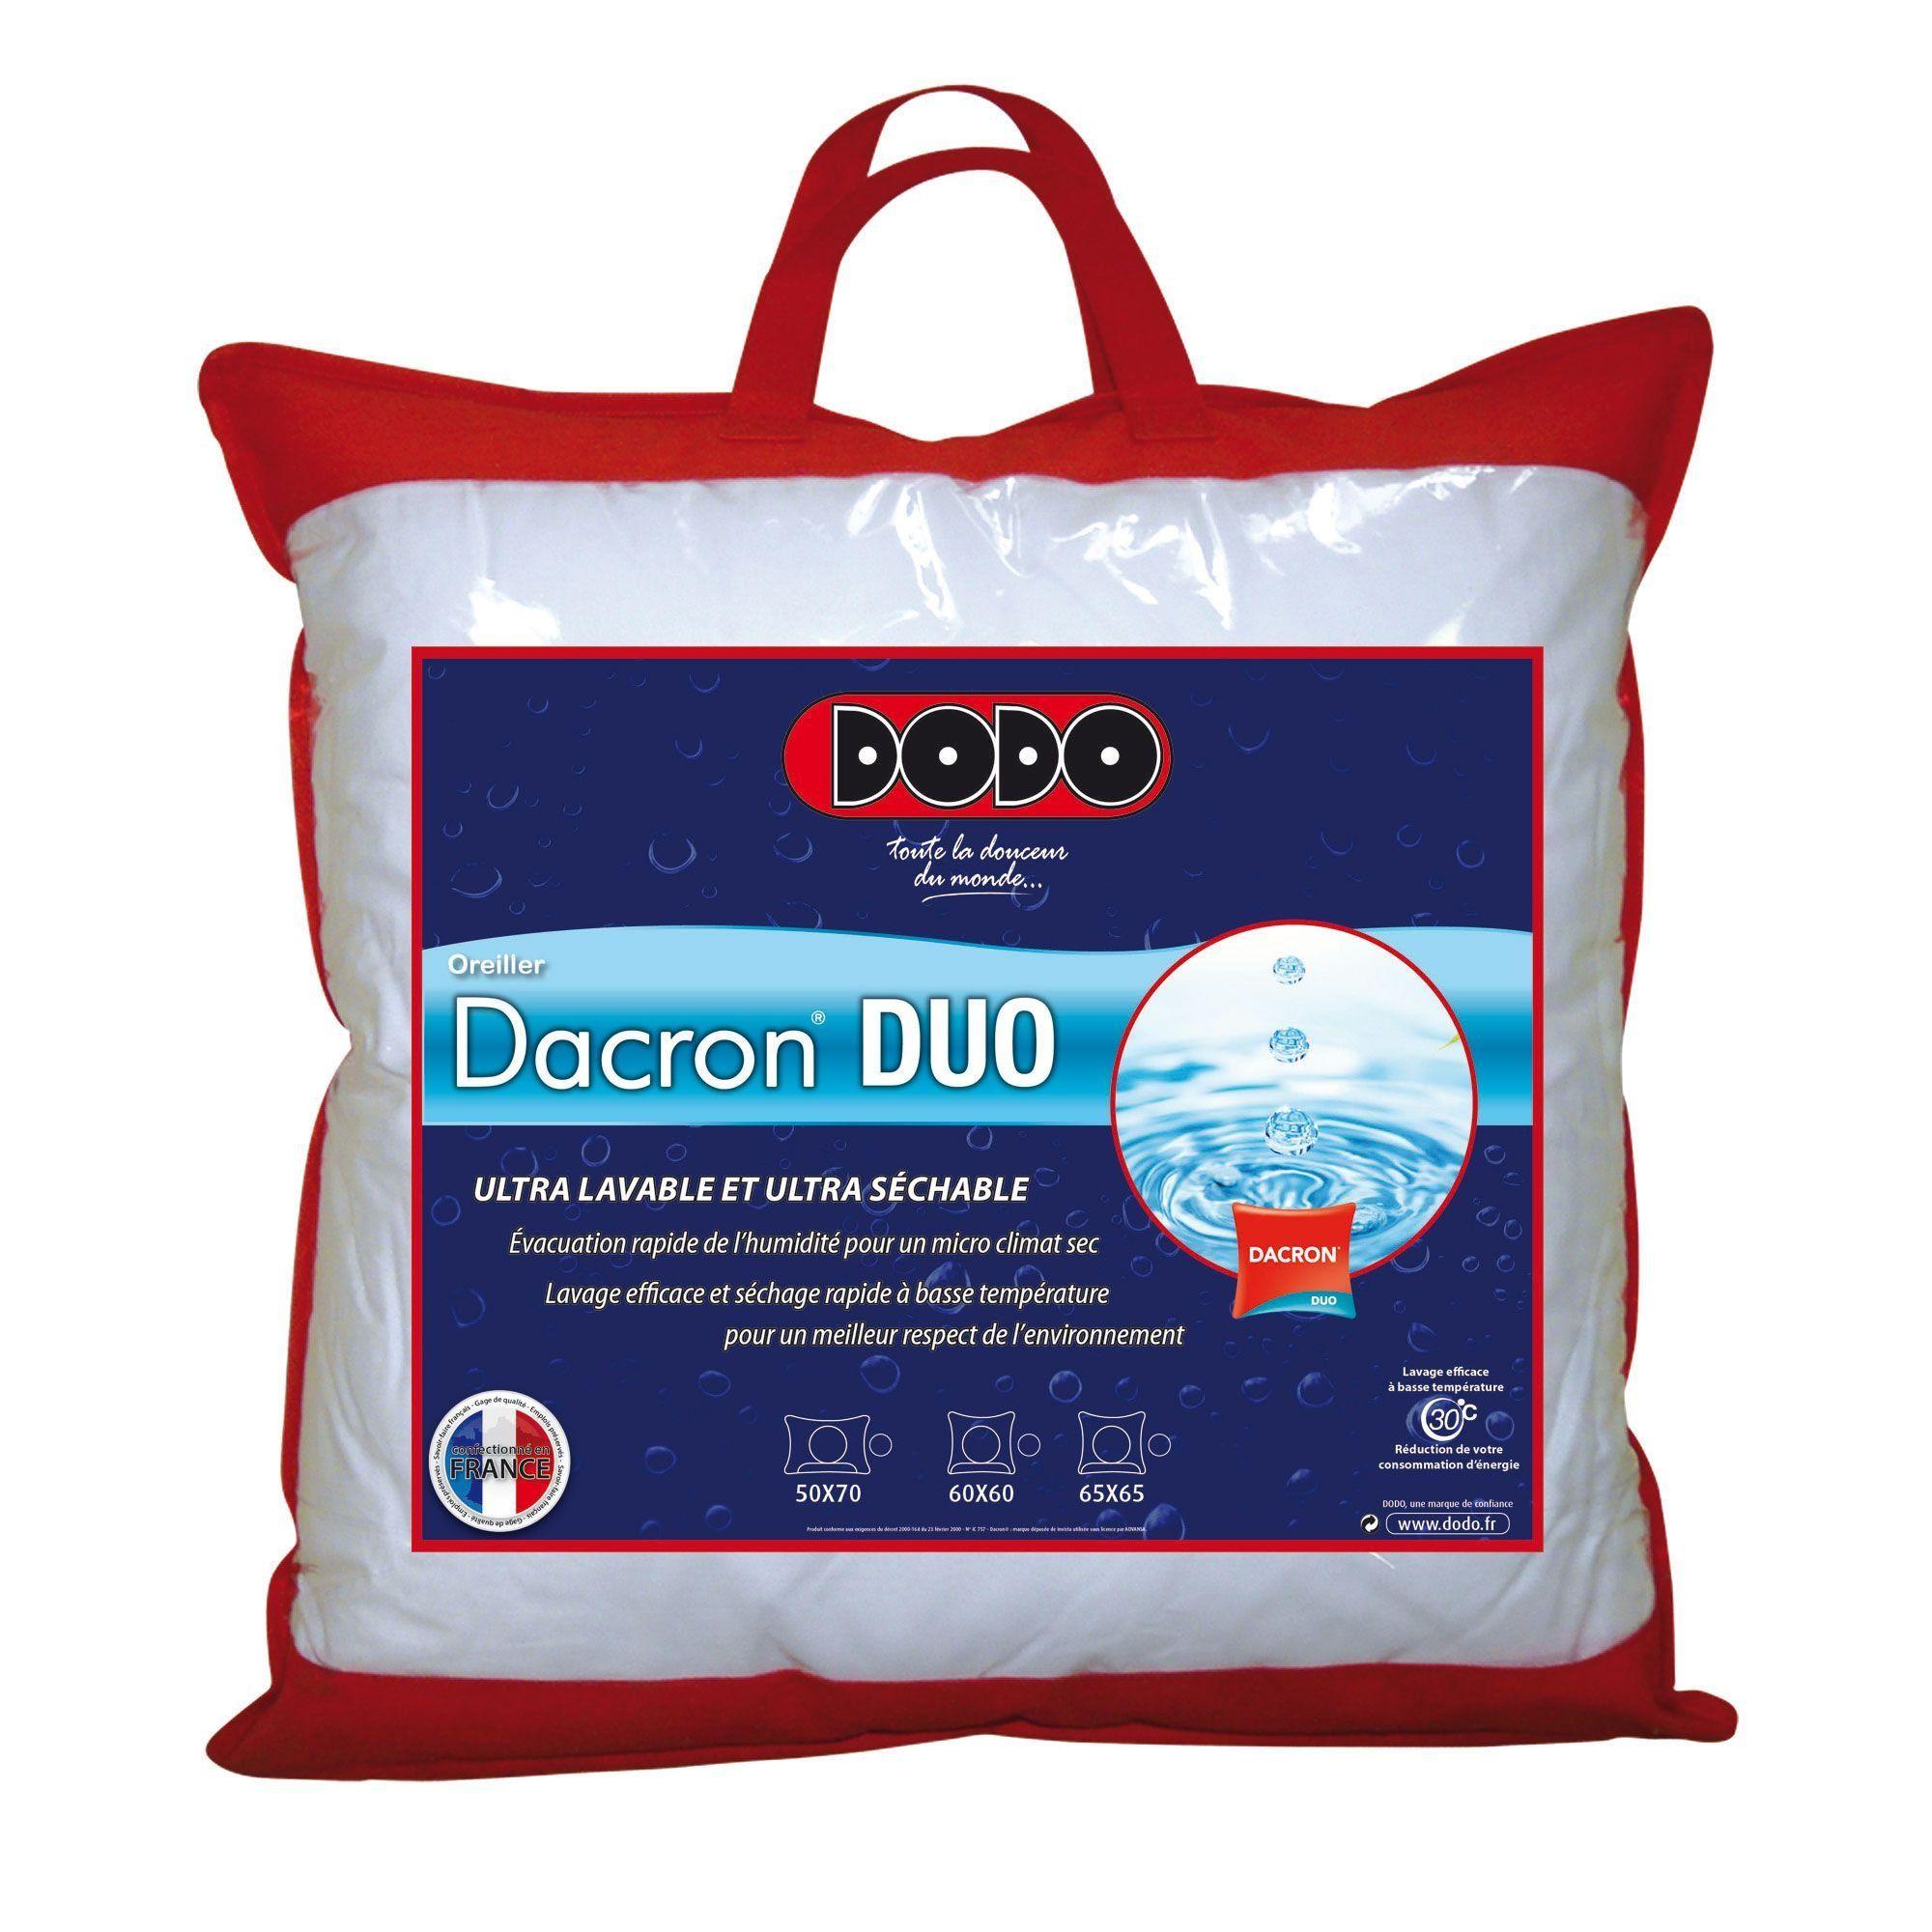 oreiller dacron duo Dodo Dacron Duo Oreiller Uni Classique Blanc 65 x 65 cm  oreiller dacron duo